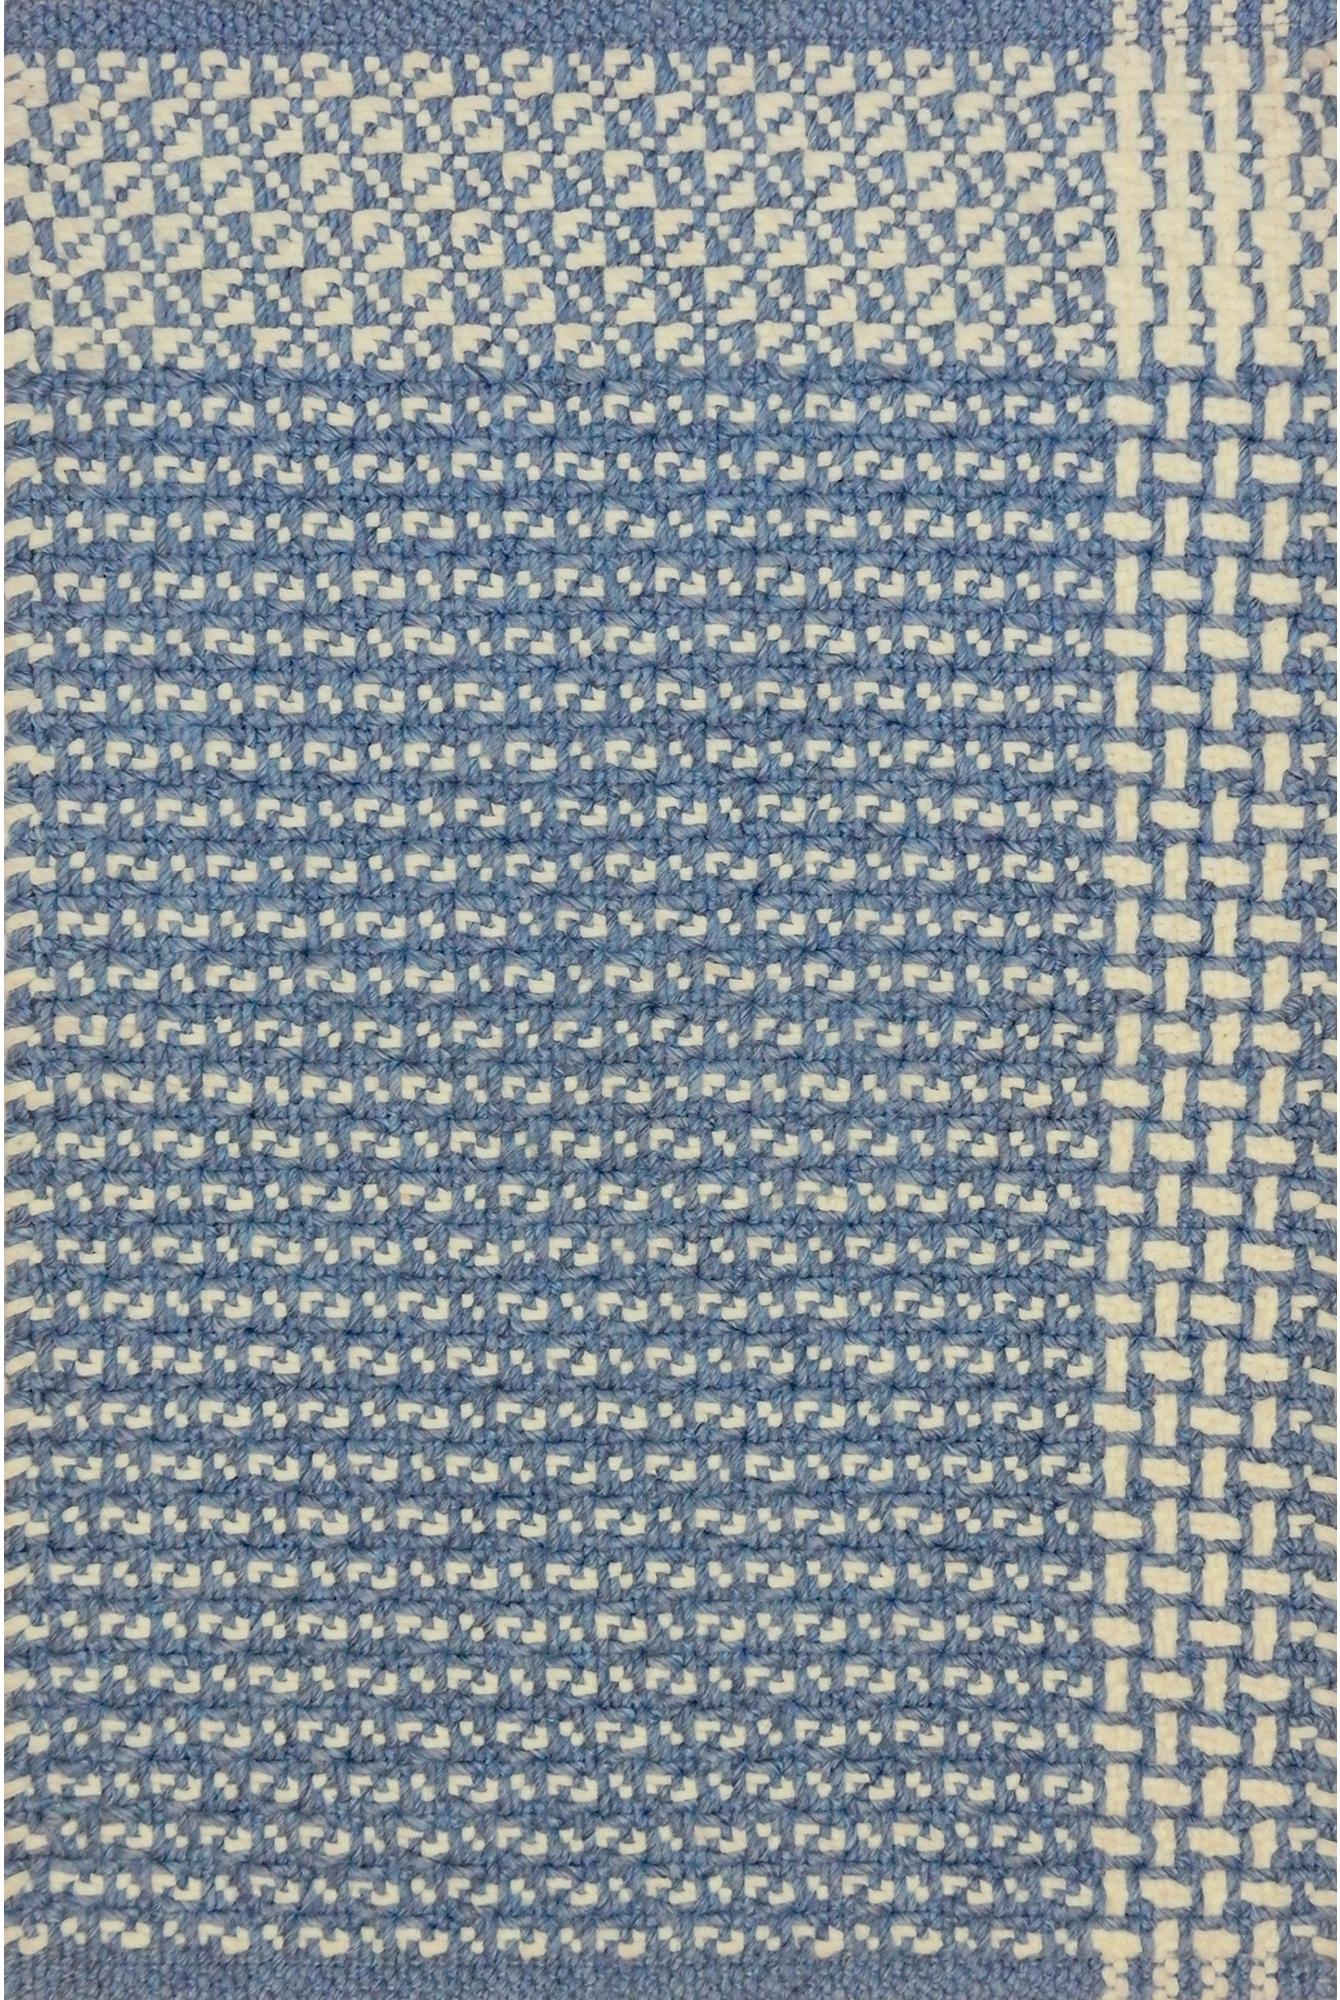 Kravet_Carpet-Tumbo-Sky_Gallery